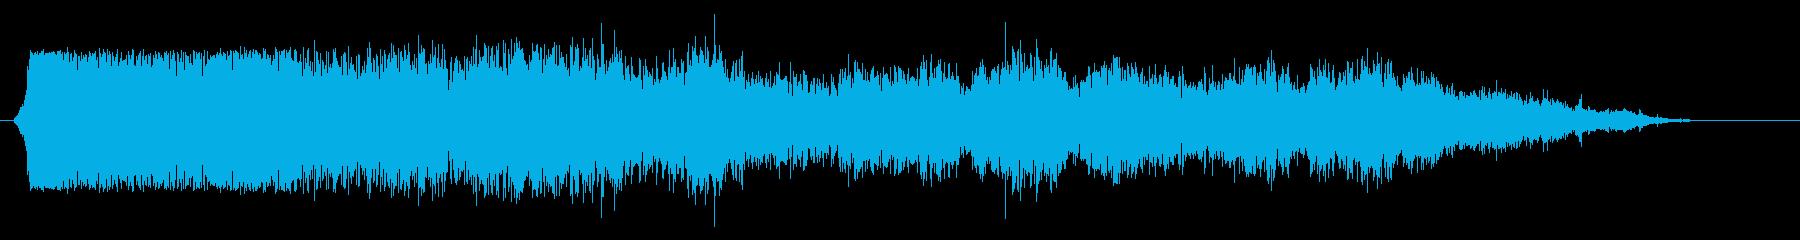 歩兵Ro音1; 1000人の男のR...の再生済みの波形